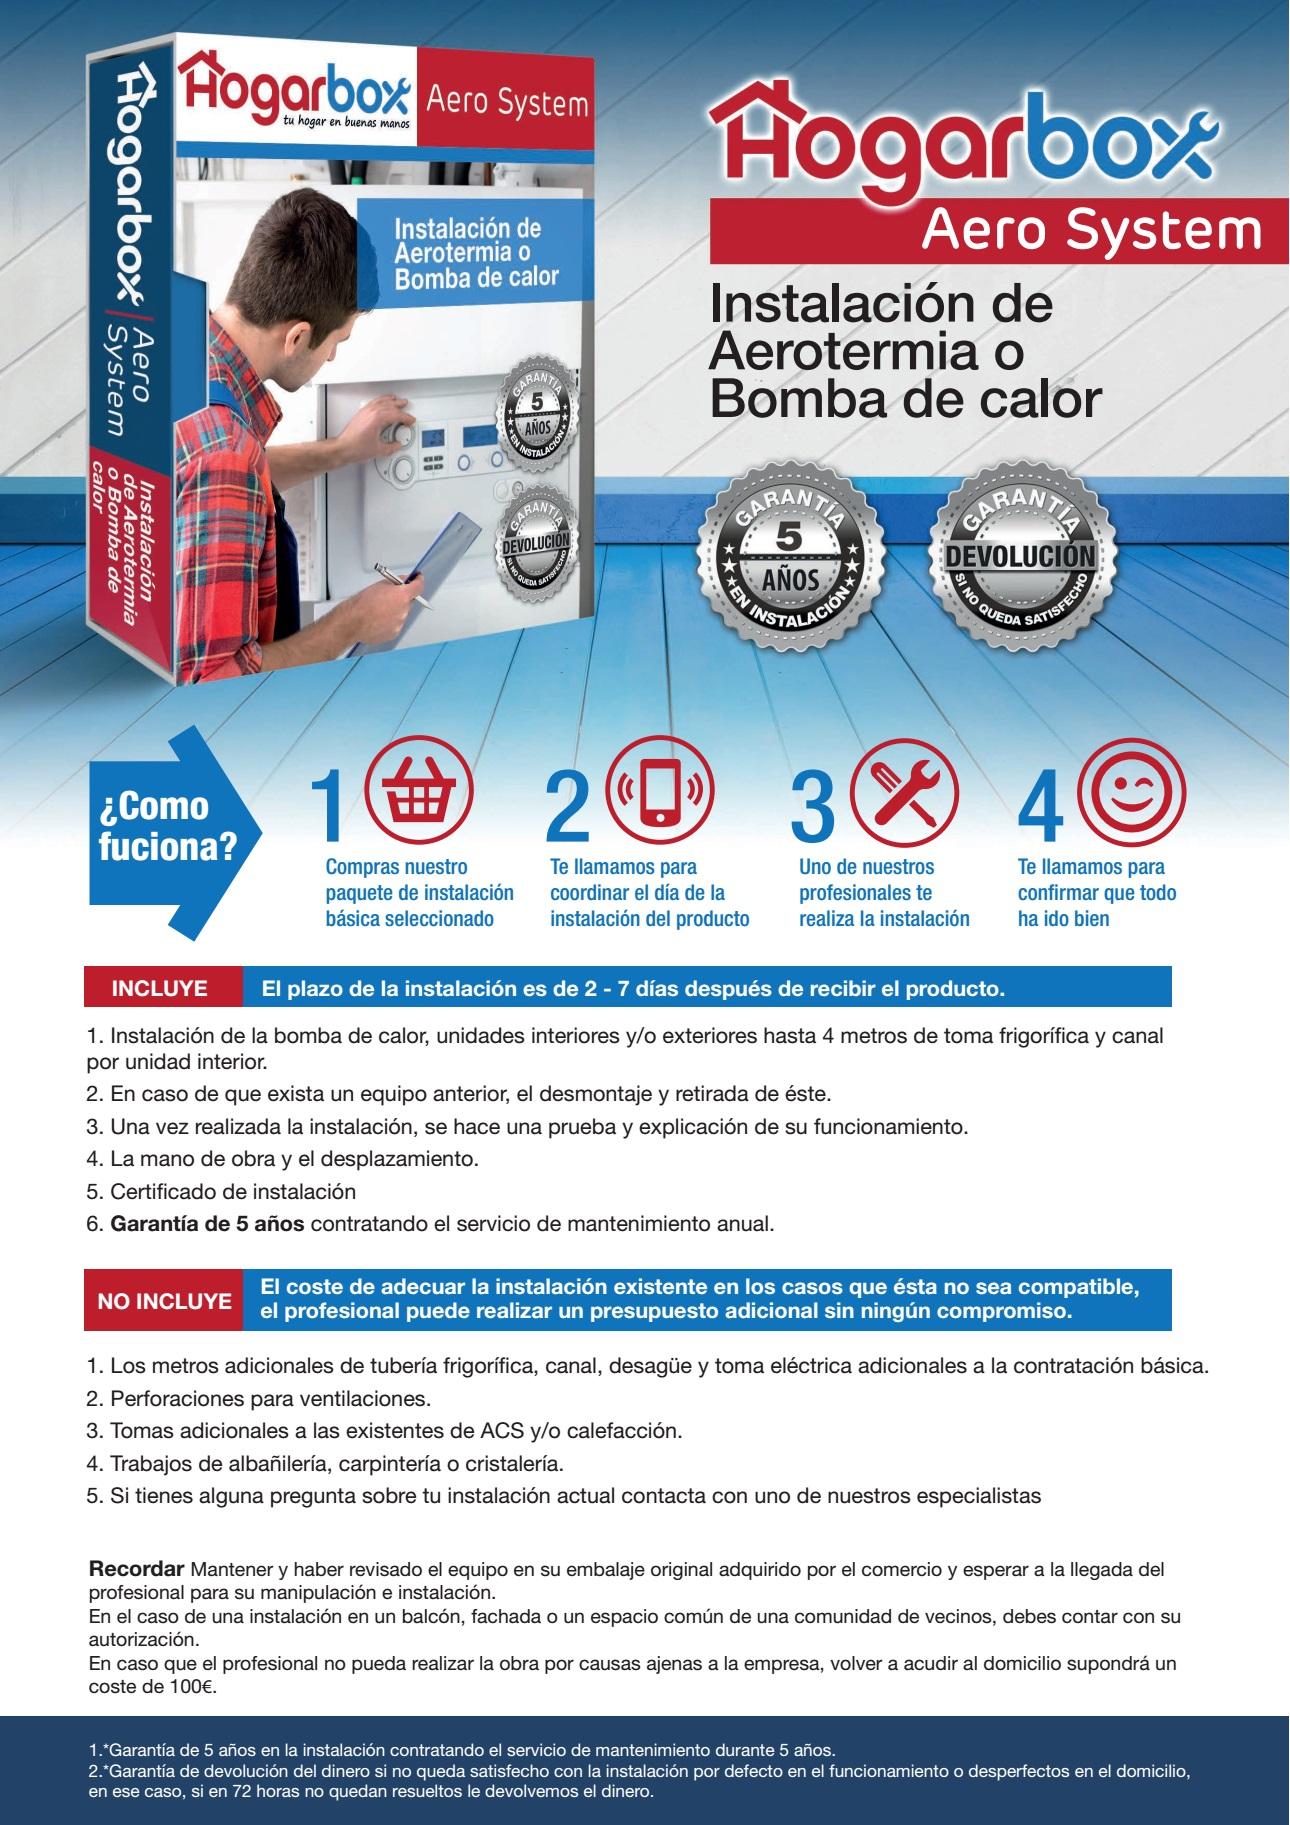 Hogarbox aero system instalaci n de aerotermia o bomba de - Calefaccion bomba de calor precio ...